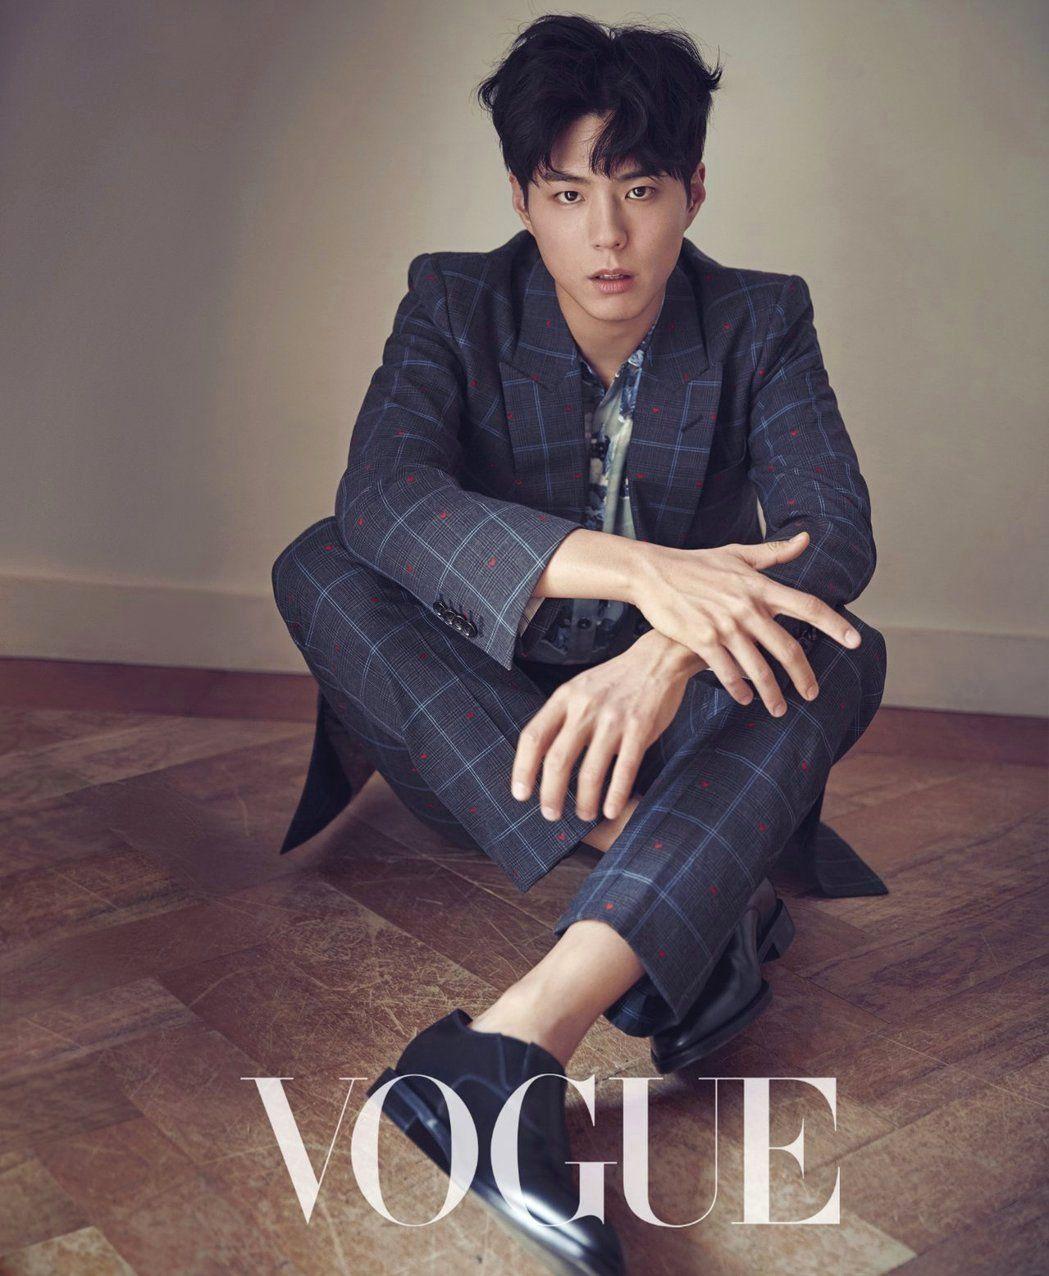 有片/樸寶劍散發正面暖能量 全靠這招保持好心情 | Bo gum, Korean actors, Vogue